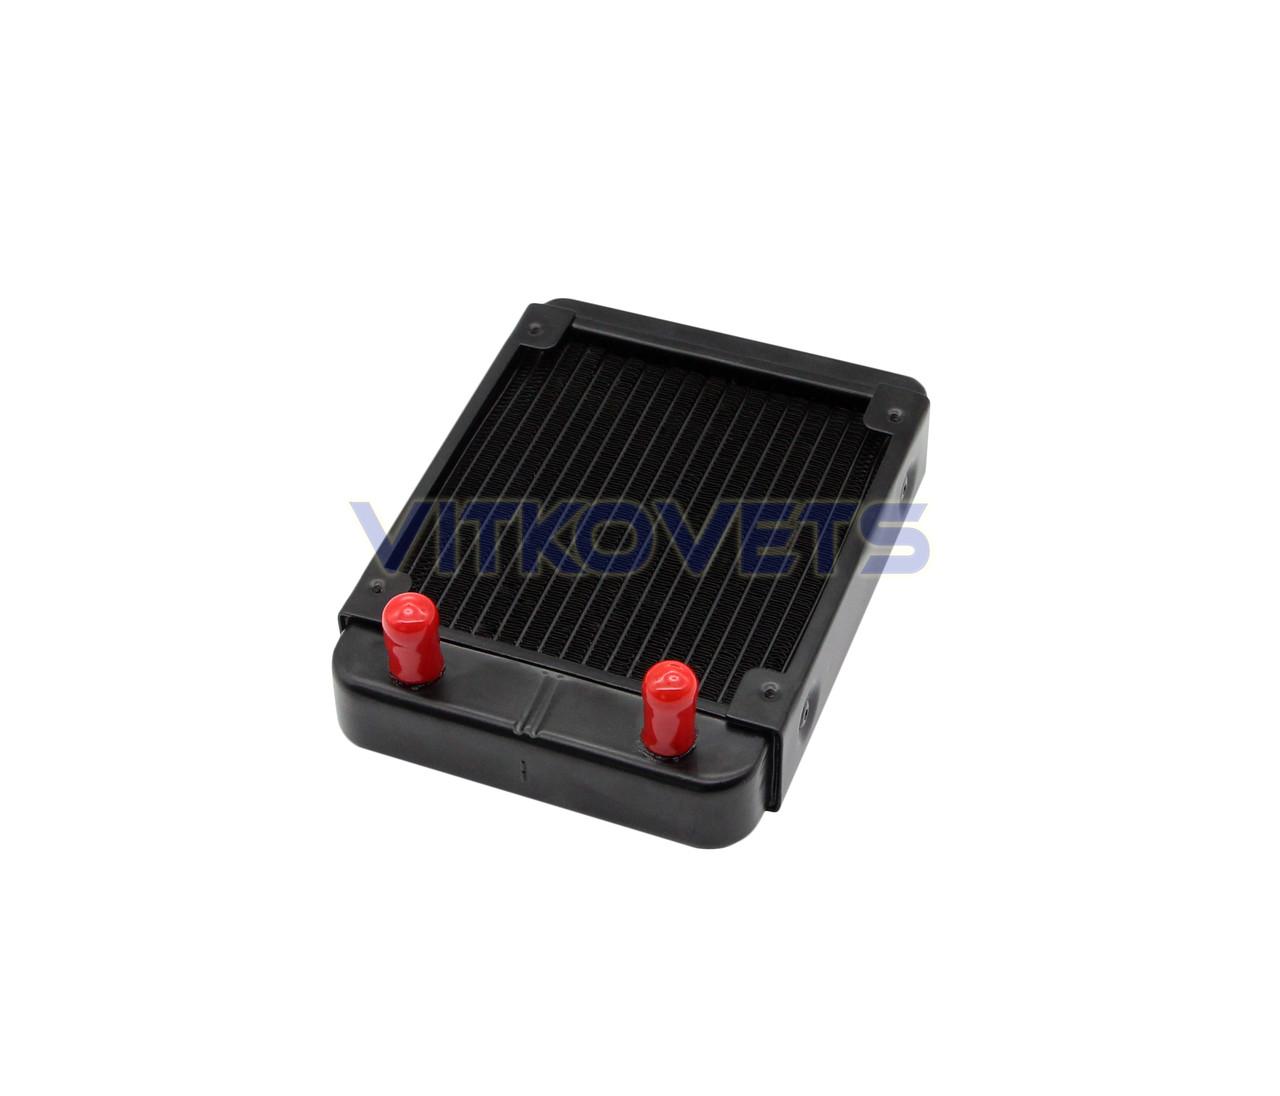 Радиатор 160х120 (под вентилятор 120х120)